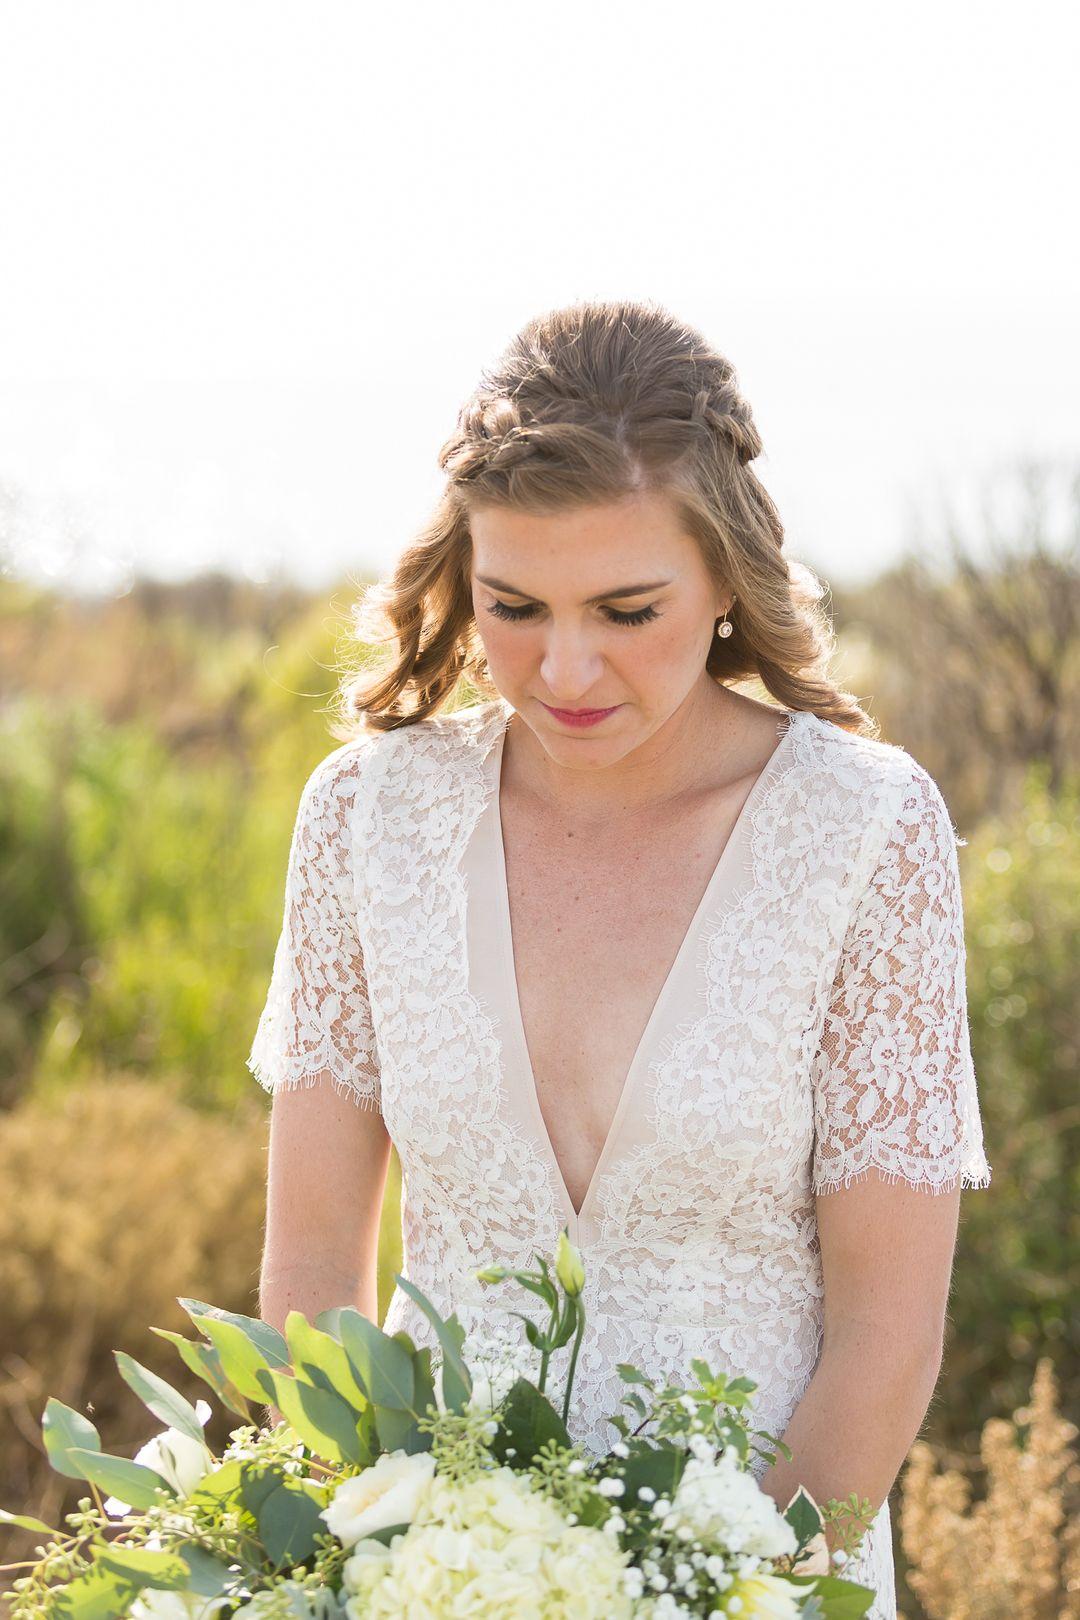 Laid Back Natural Bridal Look Half Up Half Down Wedding Hair